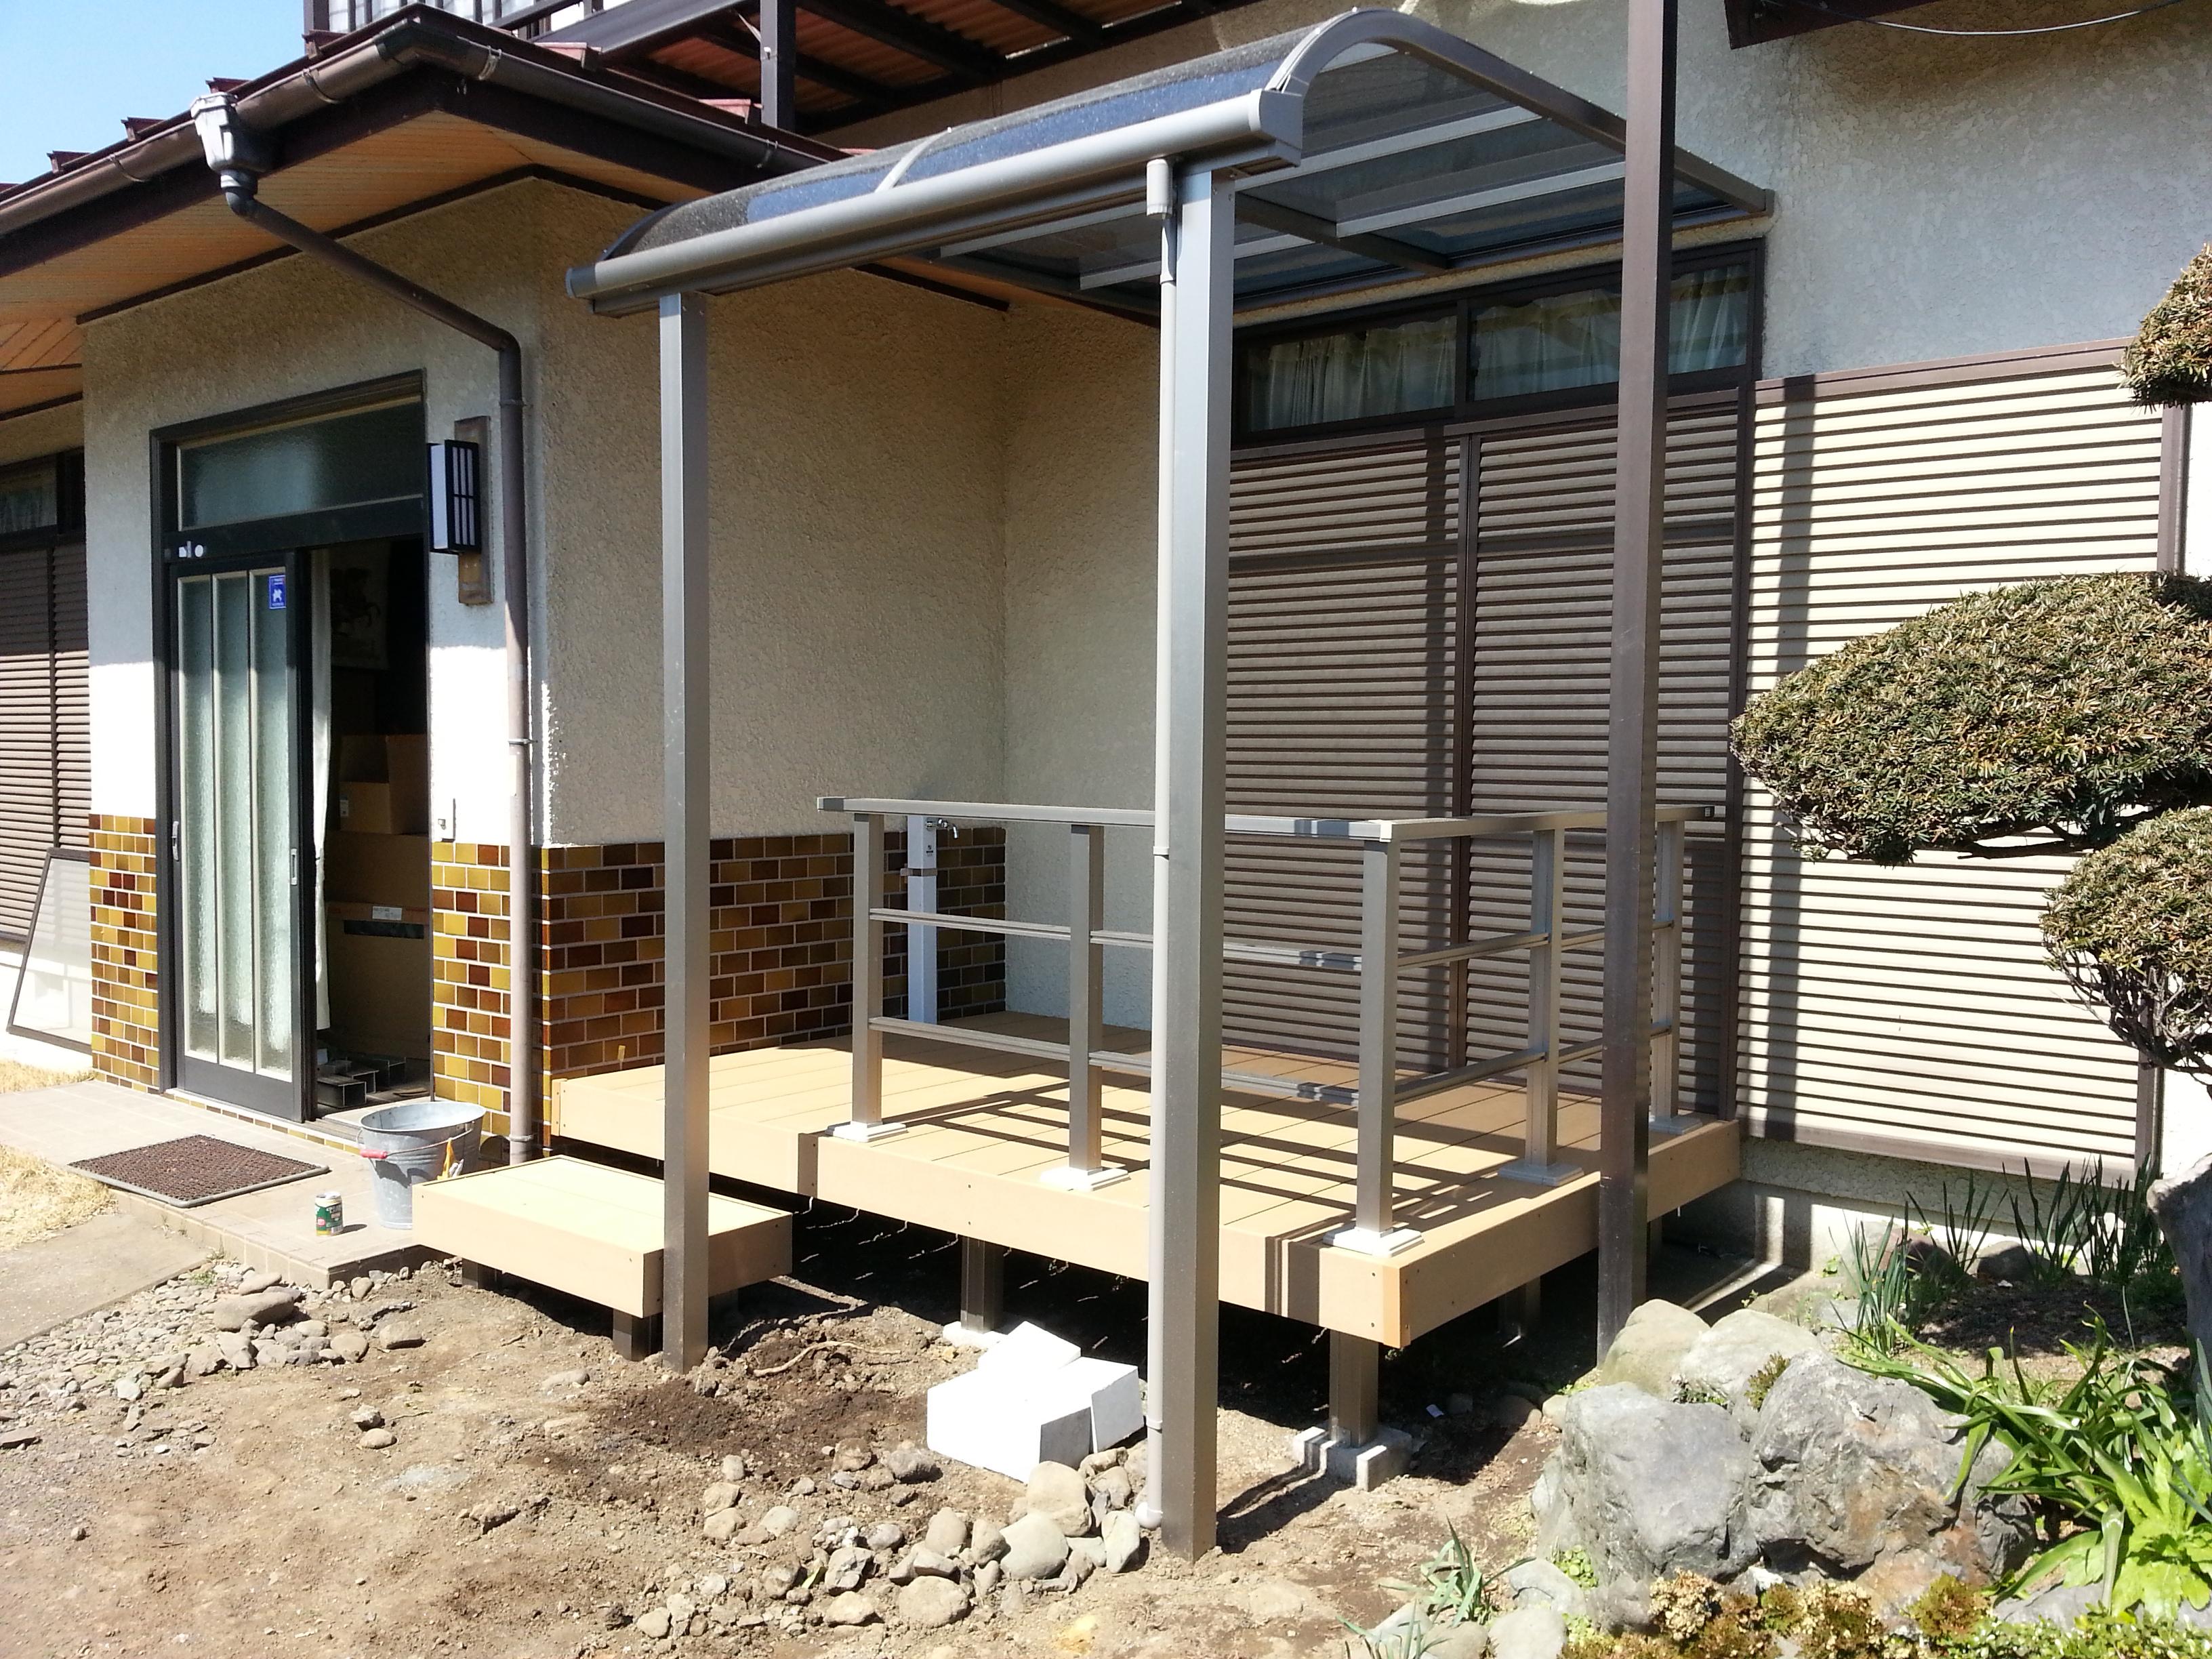 樹脂デッキとテラス屋根を設置して物干し場として活用 厚木市